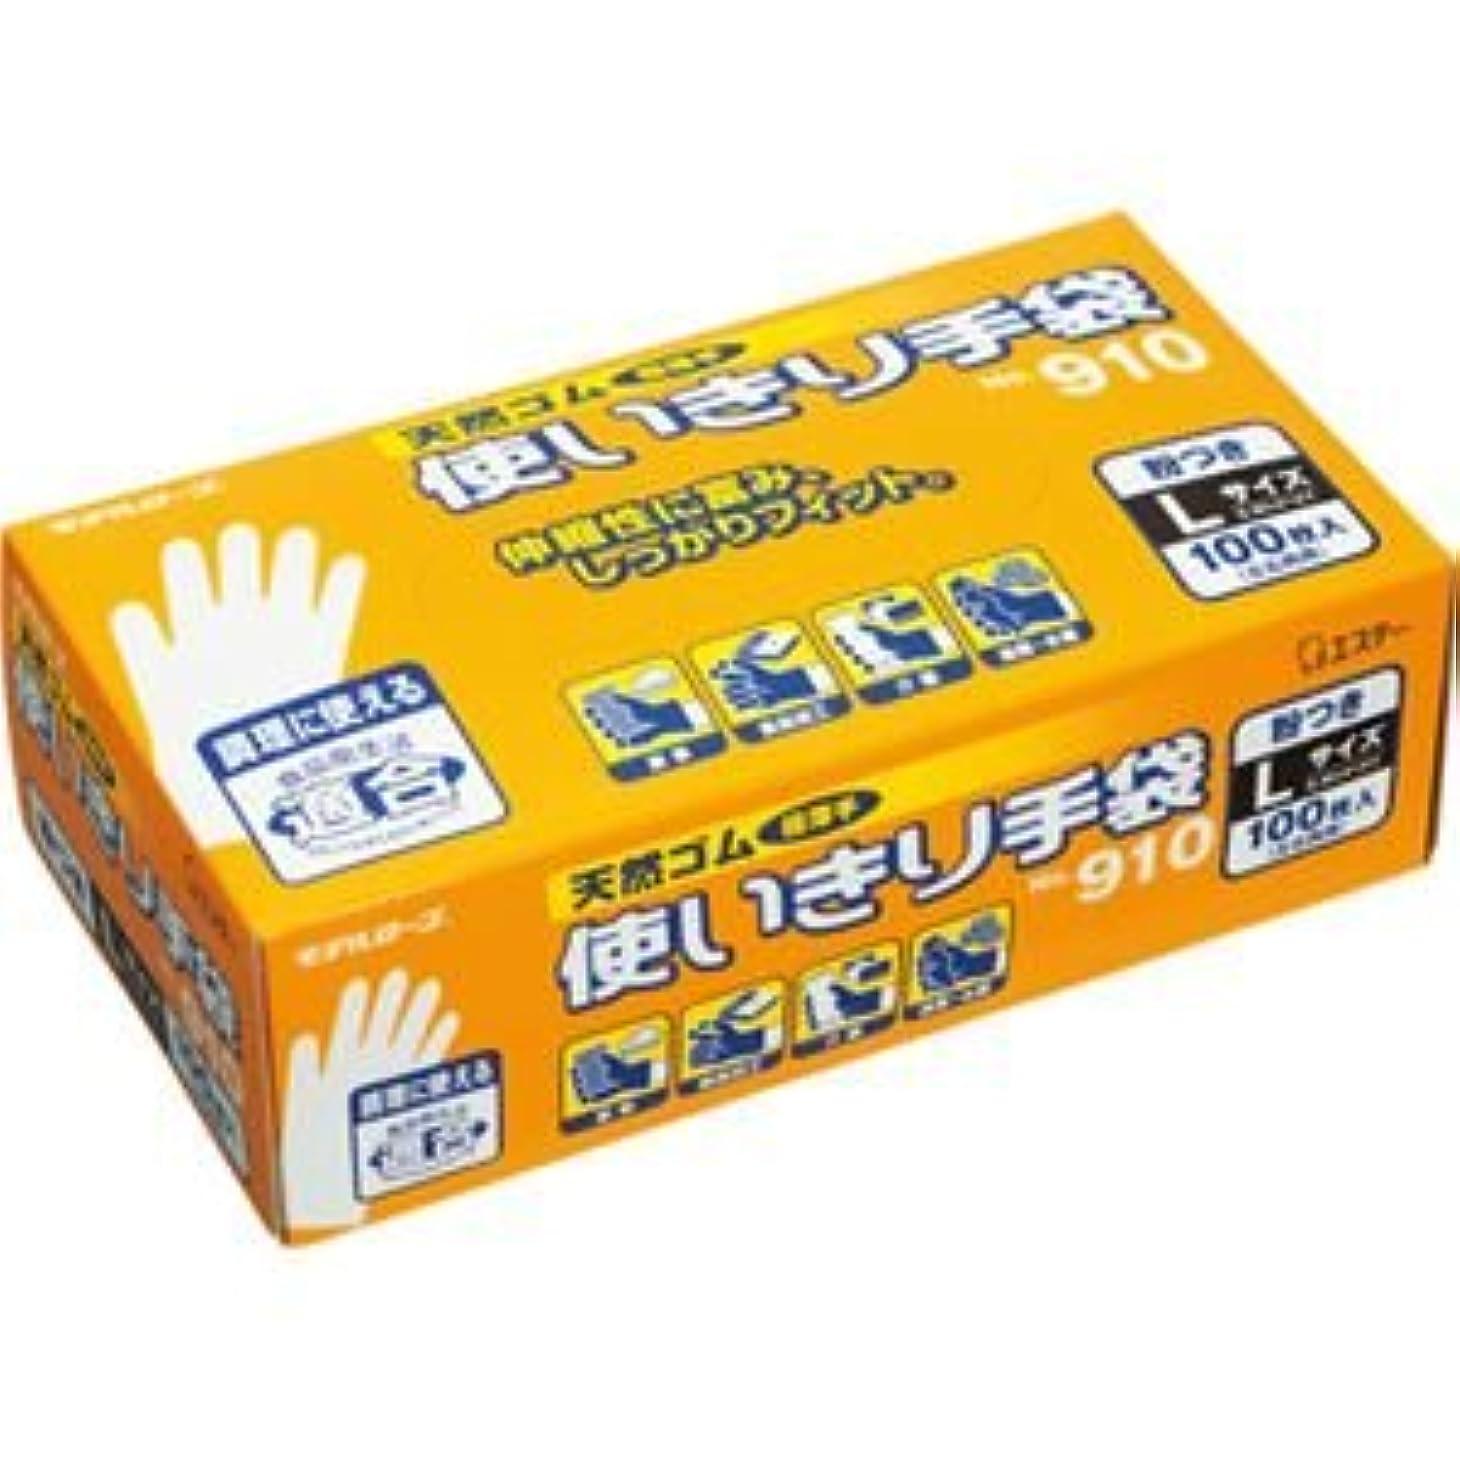 シマウマ。自治(まとめ) エステー No.910 天然ゴム使いきり手袋(粉付) L 1箱(100枚) 【×5セット